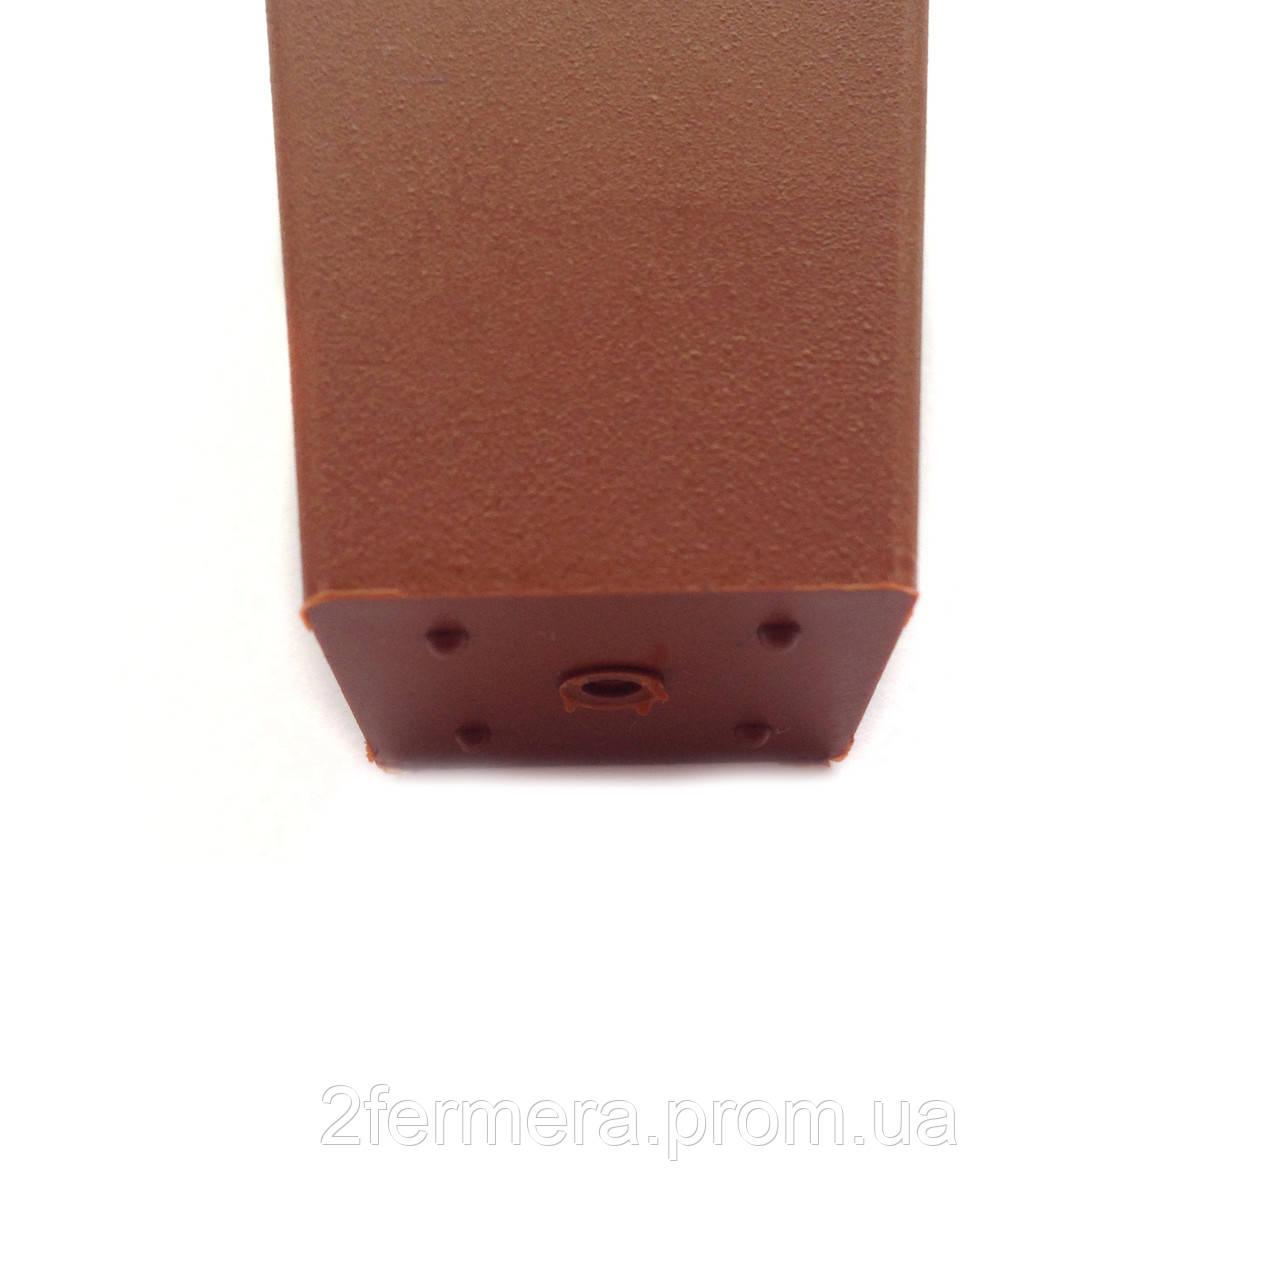 Горшок квадратный КВ 3 черный